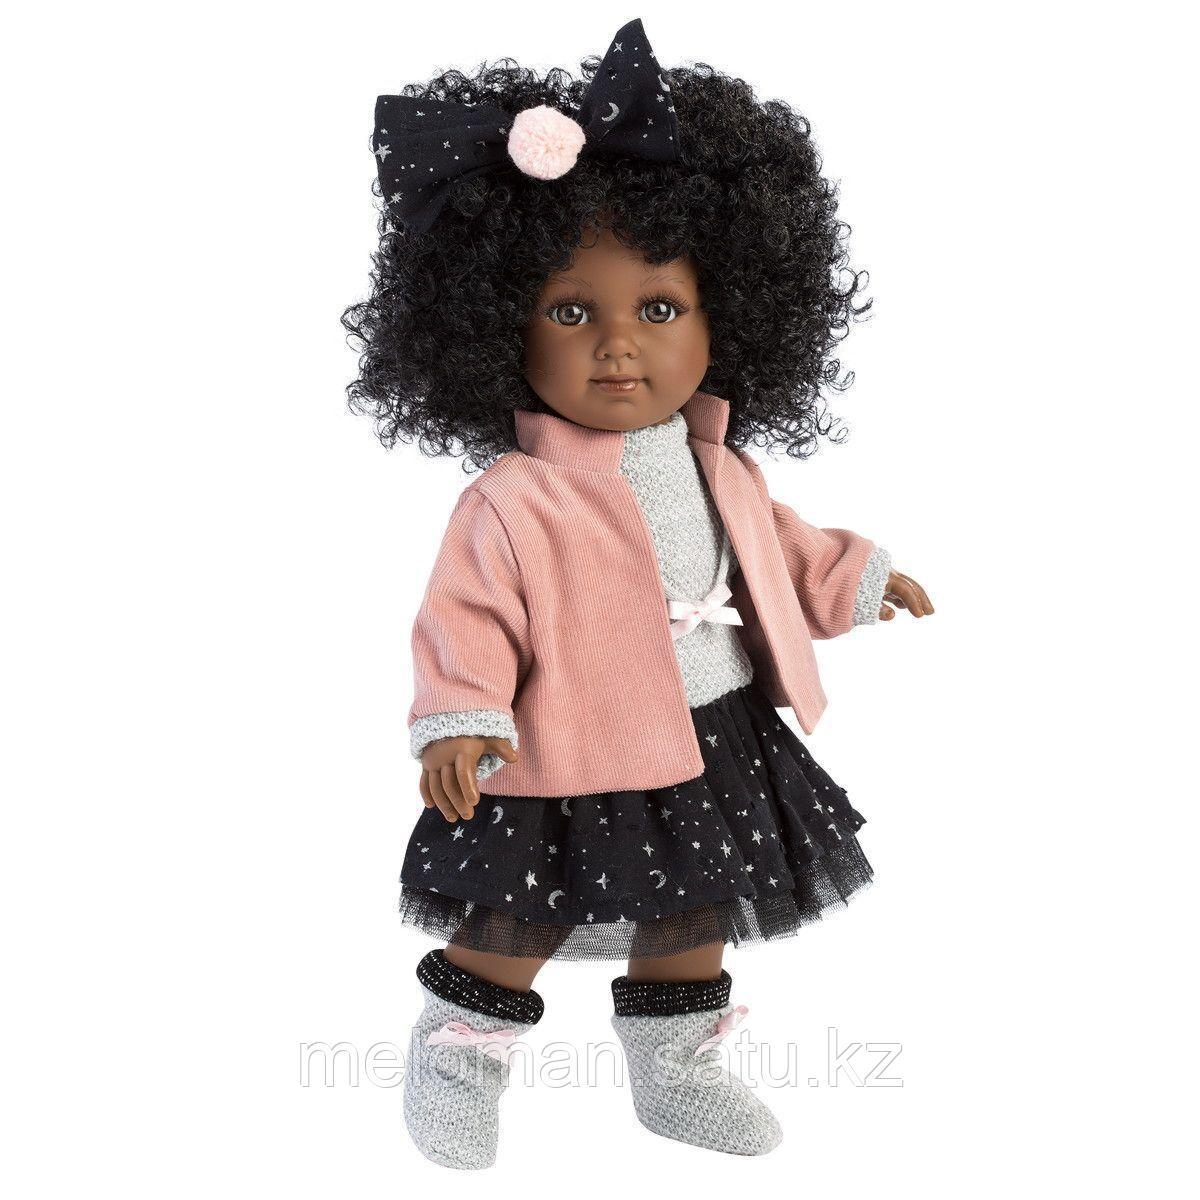 LLORENS: Кукла Зури 35см, мулатка в розовом жакете и черной кружевной юбке - фото 1